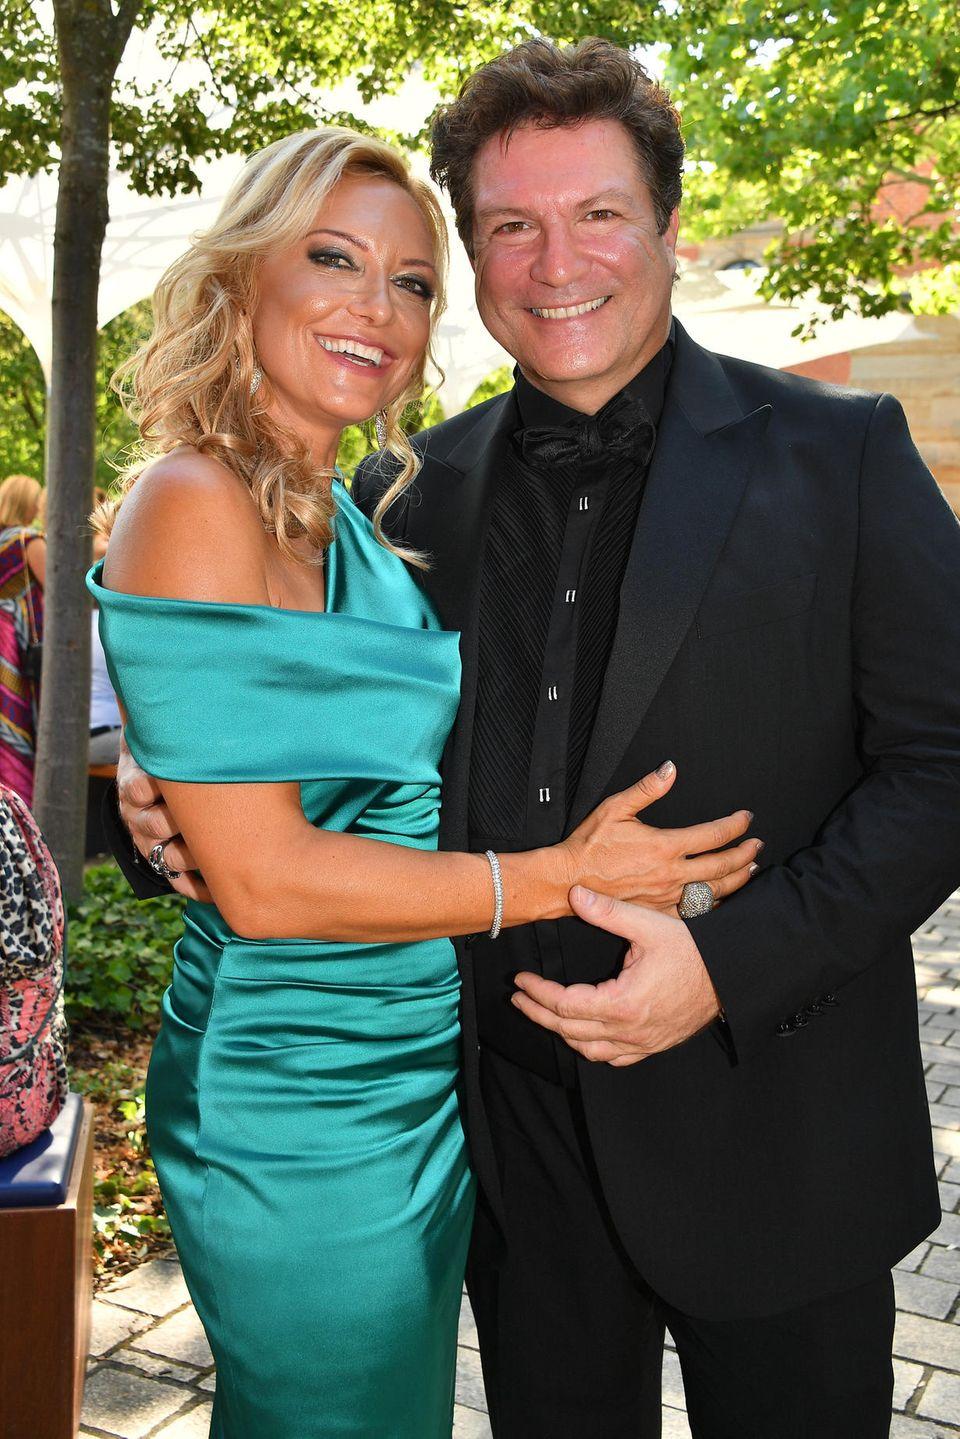 SchauspielerFrancis Fulton-Smith und seine Freundin Claudia Hillmeier wollen sich den Auftakt zu diesen beliebten Festspielen nicht entgehen lassen.